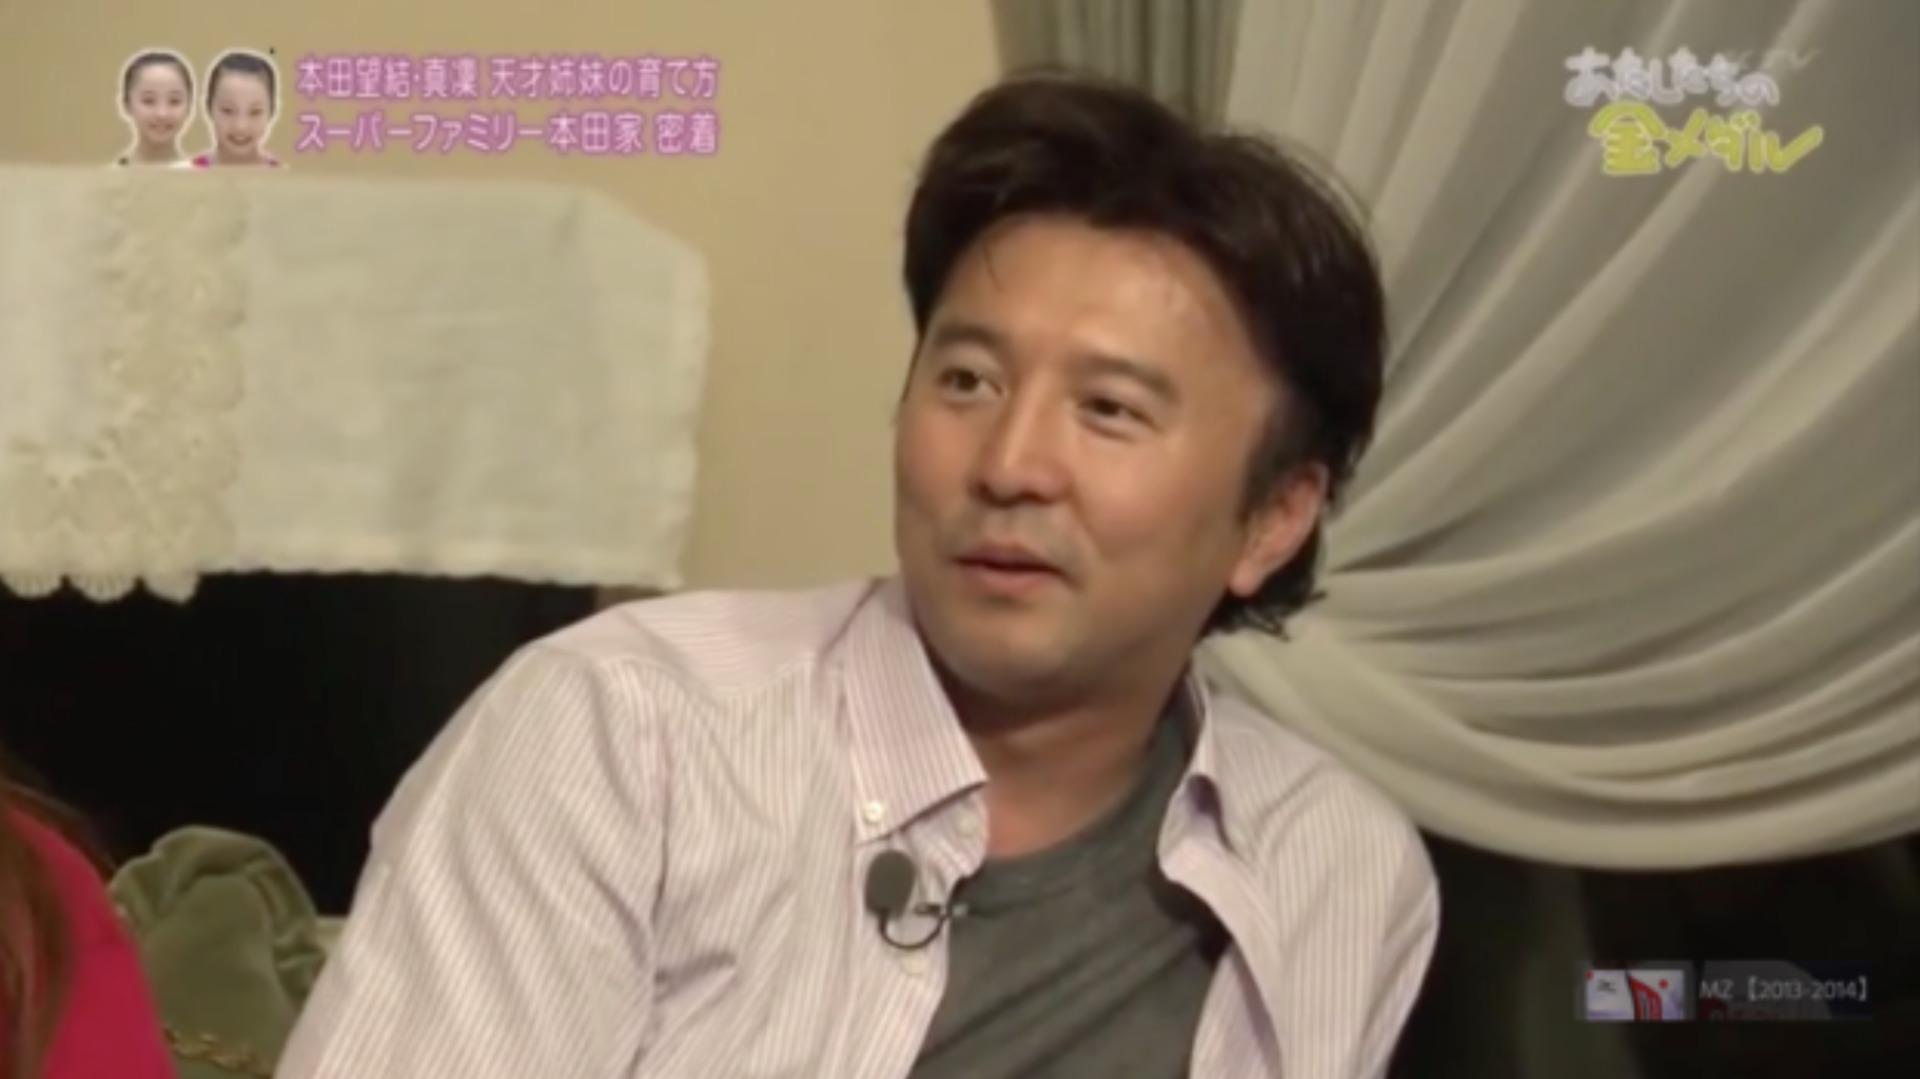 本田竜一さんの画像